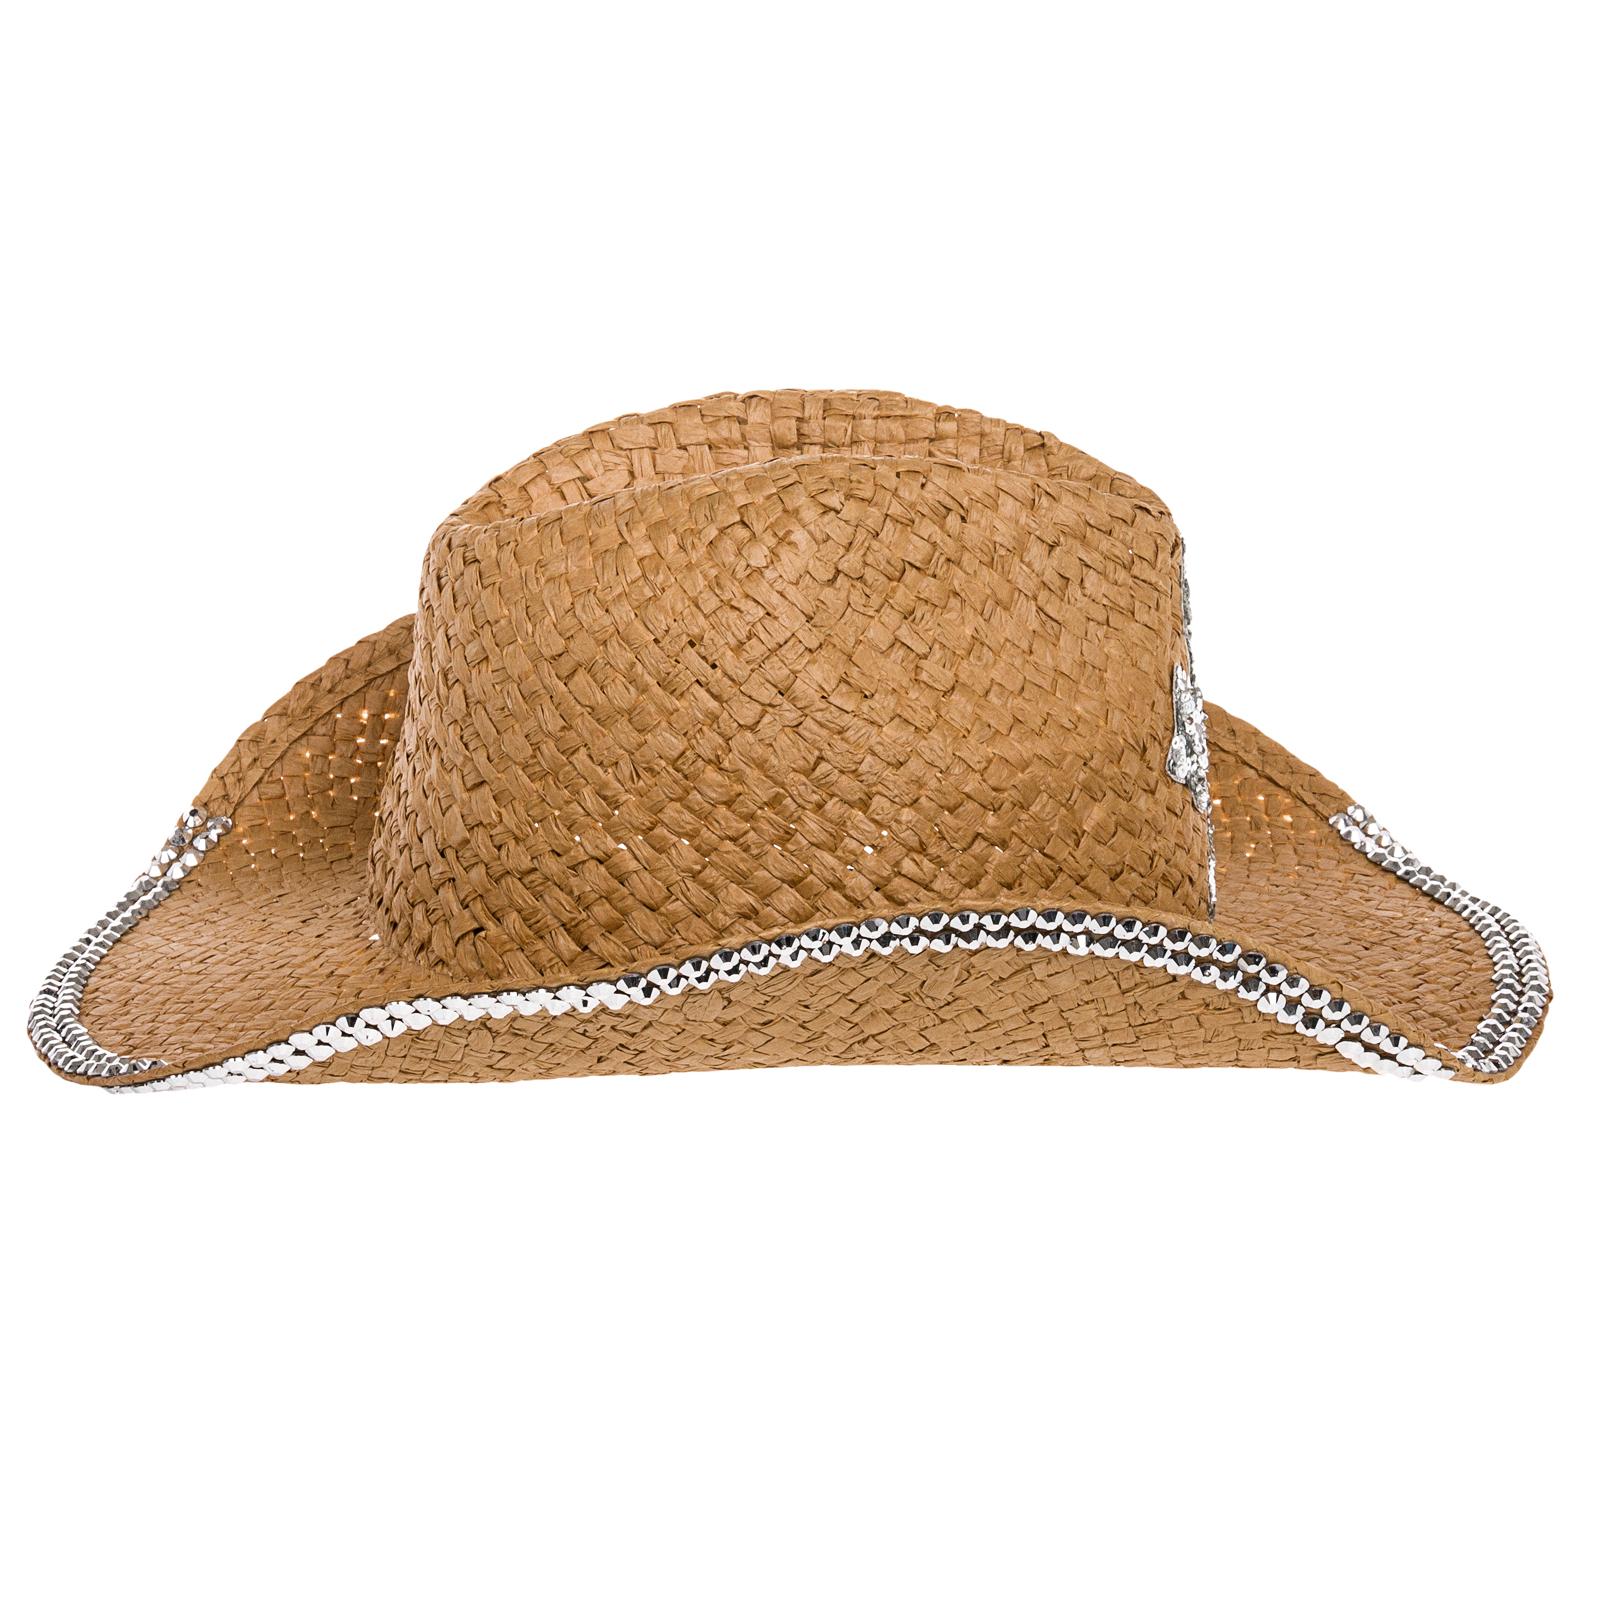 Crystal Case New Rhinestone Western Straw Rodeo Fashion Cowgirl Cowboy Hat   eBay